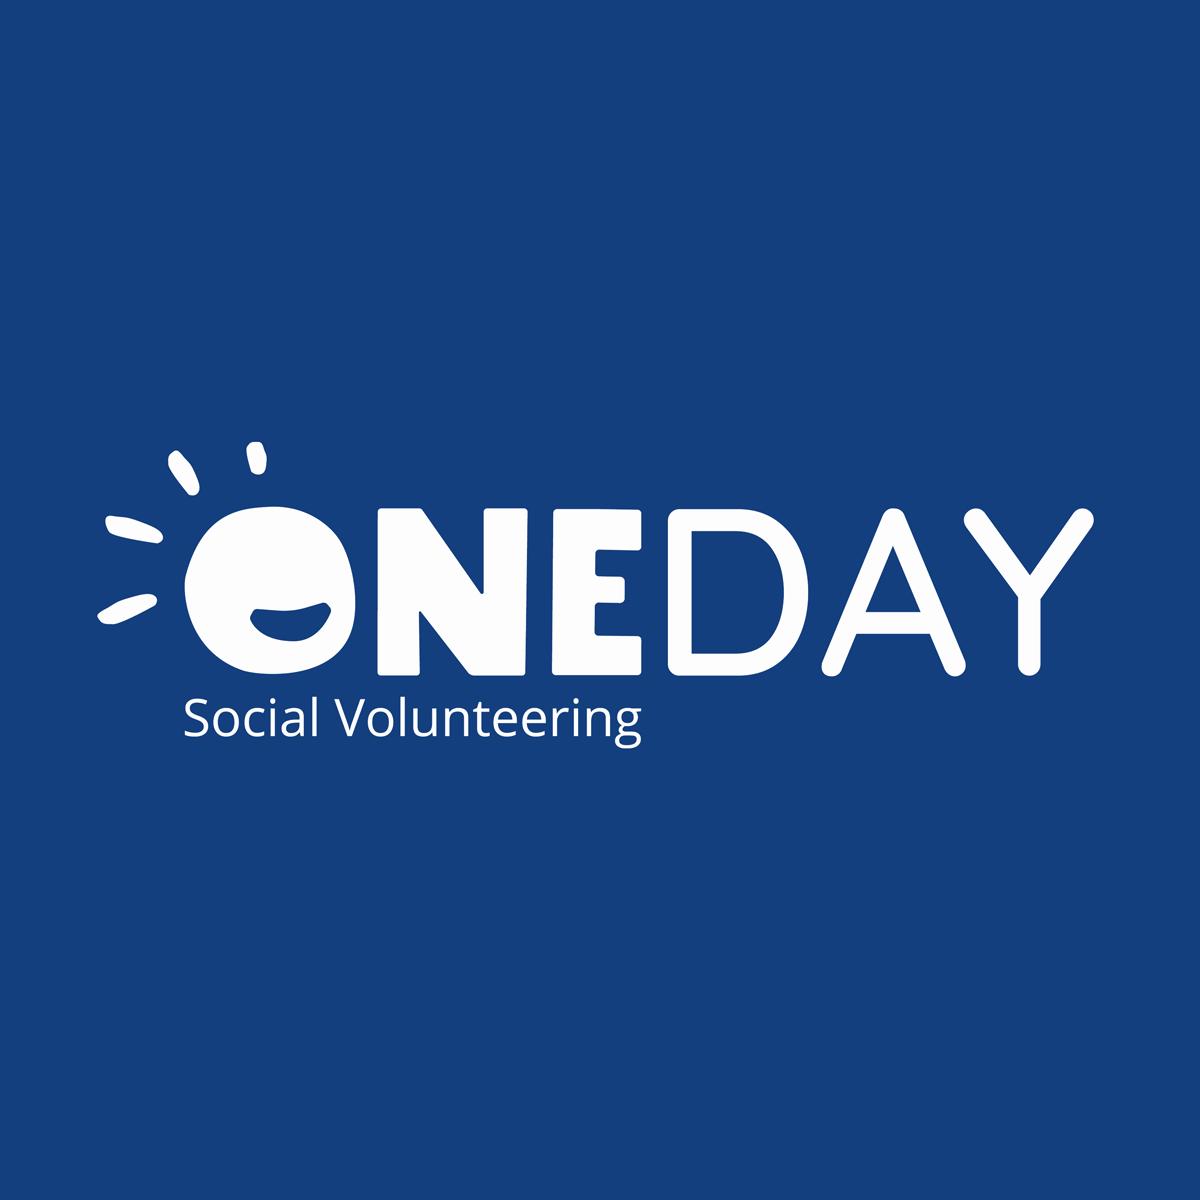 יום אחד התנדבות